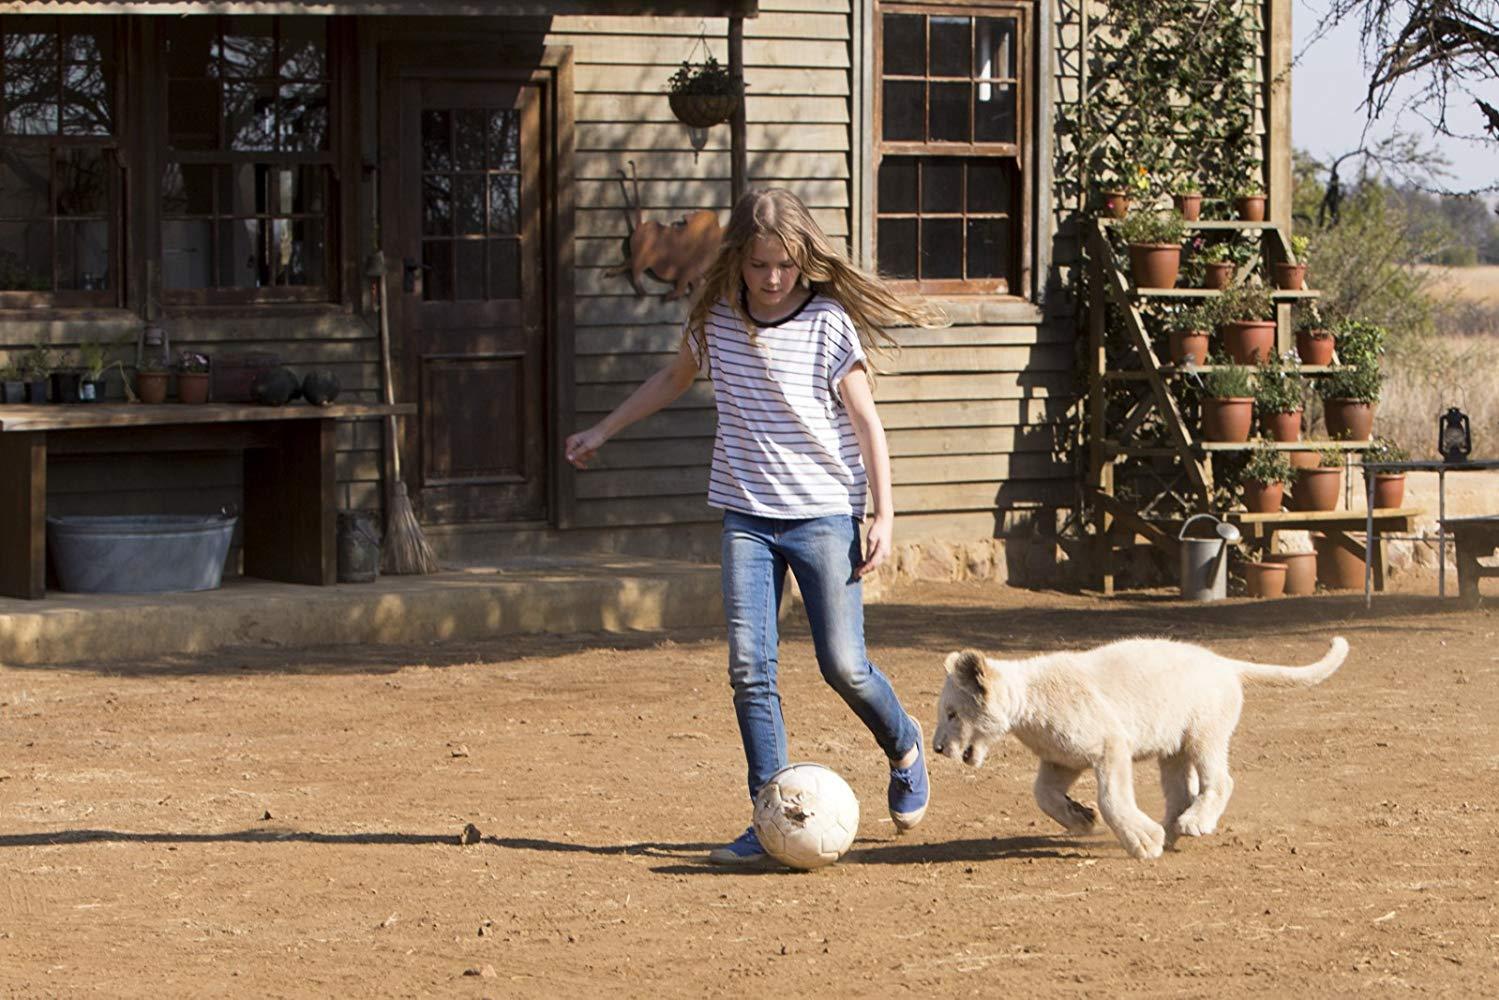 Mia e il leone bianco: Daniah De Villiers durante un momento di gioco con il suo leoncino